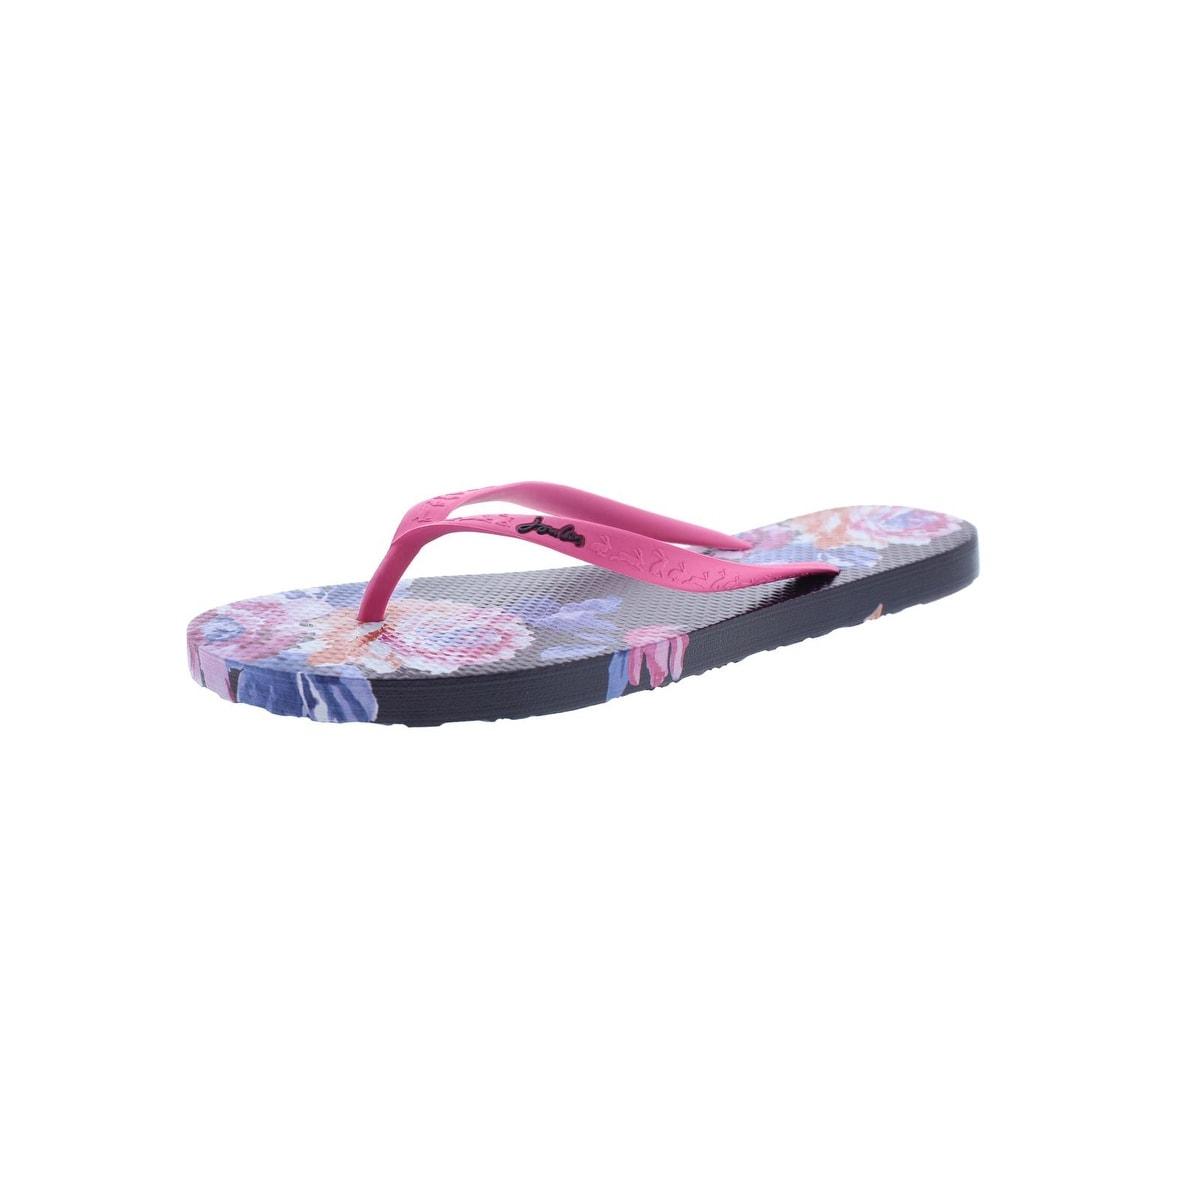 8d1bd05808de Buy Orange Women s Sandals Online at Overstock